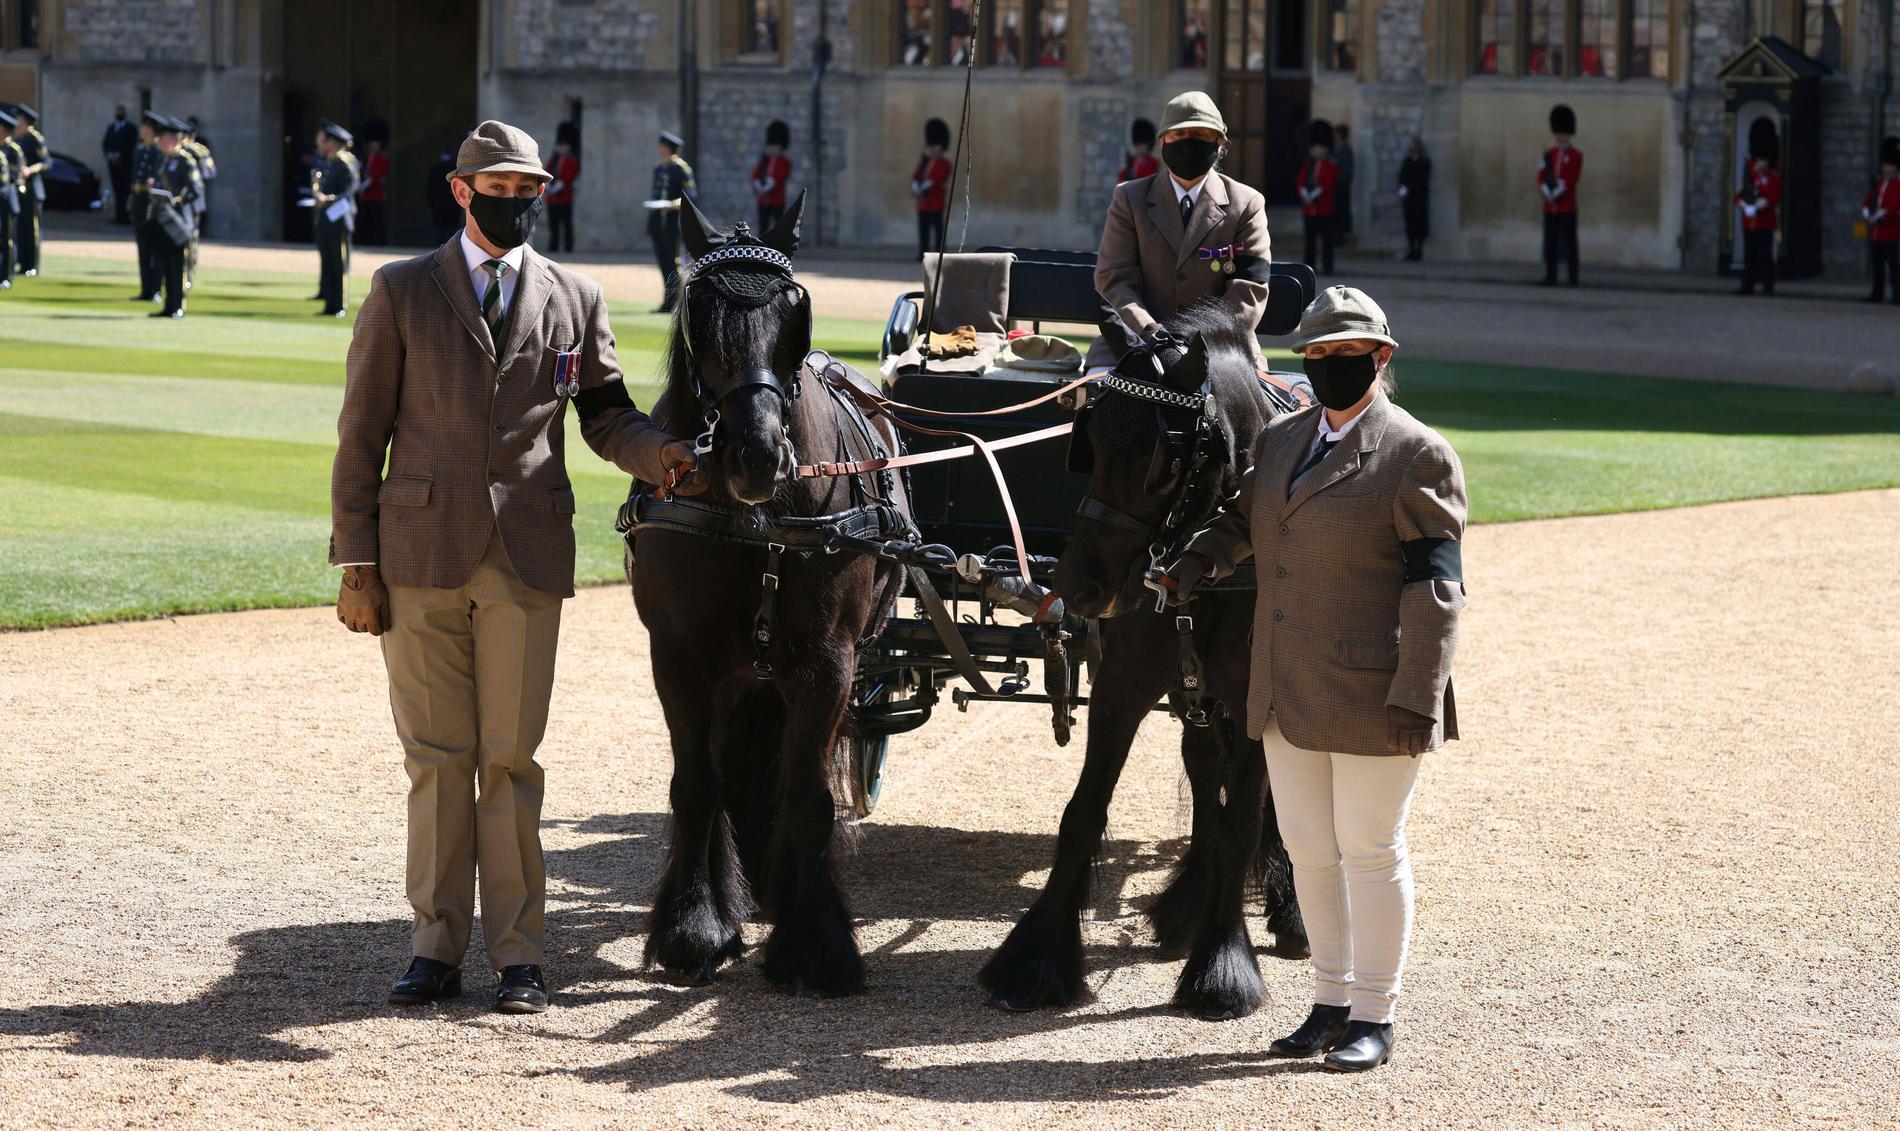 Prins Philips ekipage, med ponnyerna Balmoral Nevis och Notlaw Storm, deltog i dagens ceremoni.